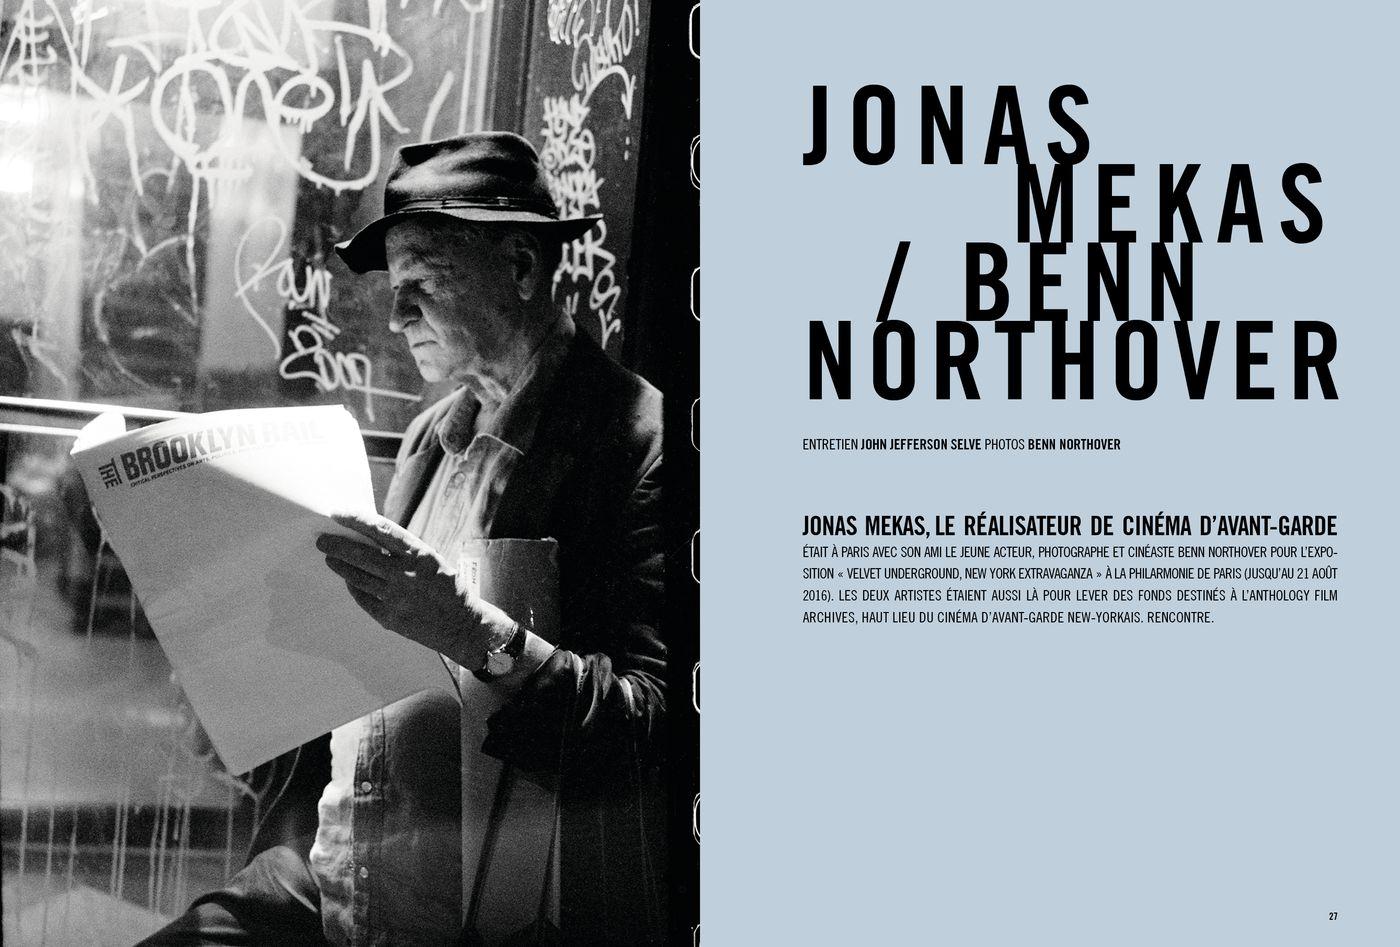 Possession Immédiate Volume 5 - Entretien de John Jefferson Selve avec Jonas Mekas et Benn Northover